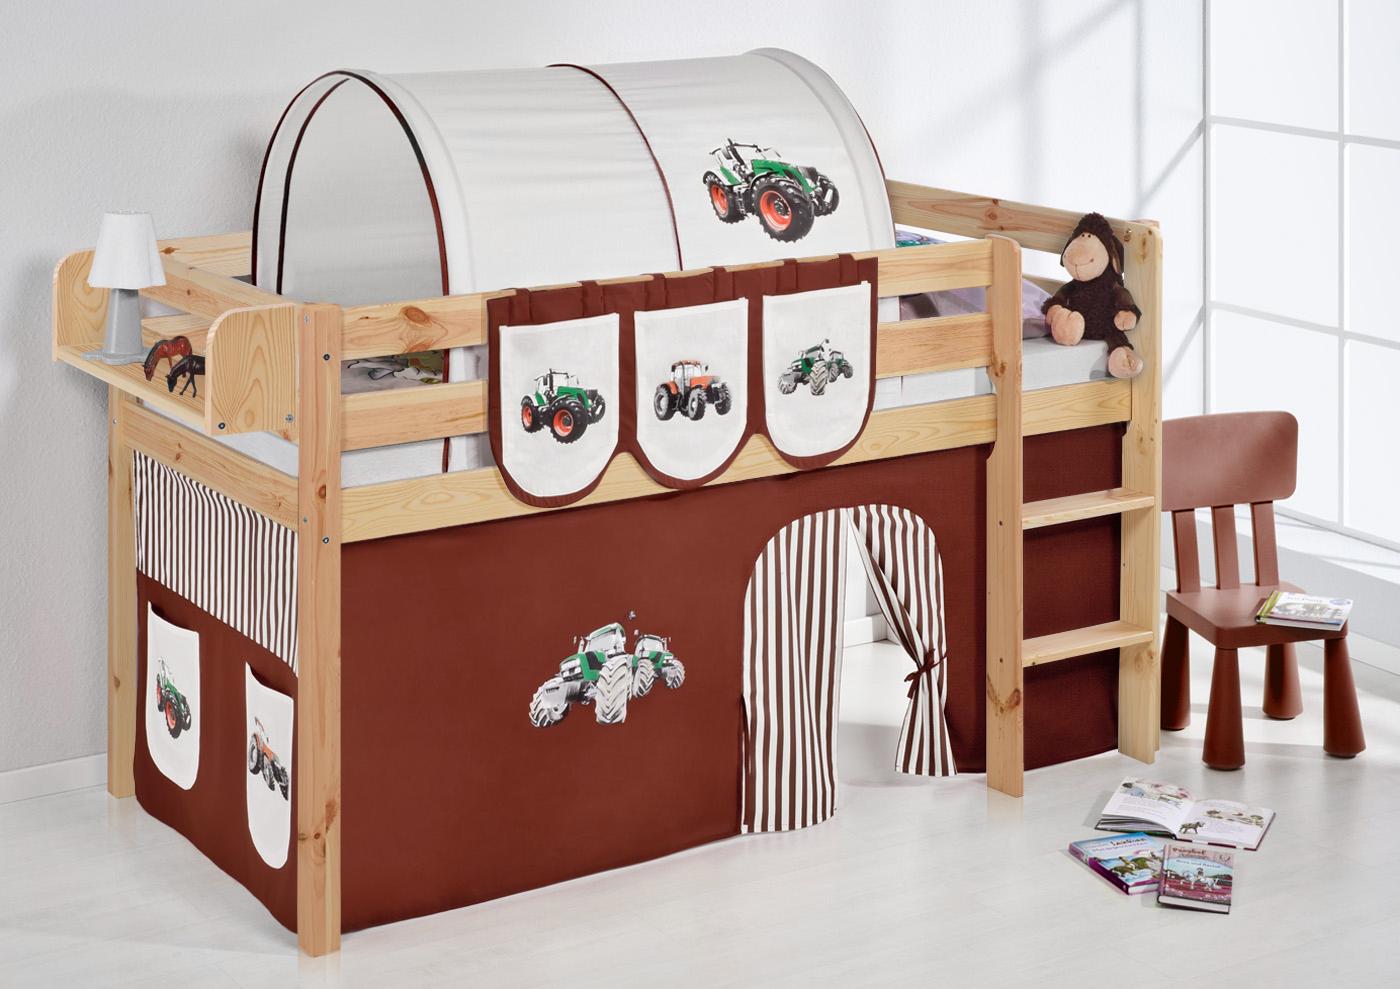 spielbett hochbett kinderbett kinder bett jelle natur vorhang ebay. Black Bedroom Furniture Sets. Home Design Ideas